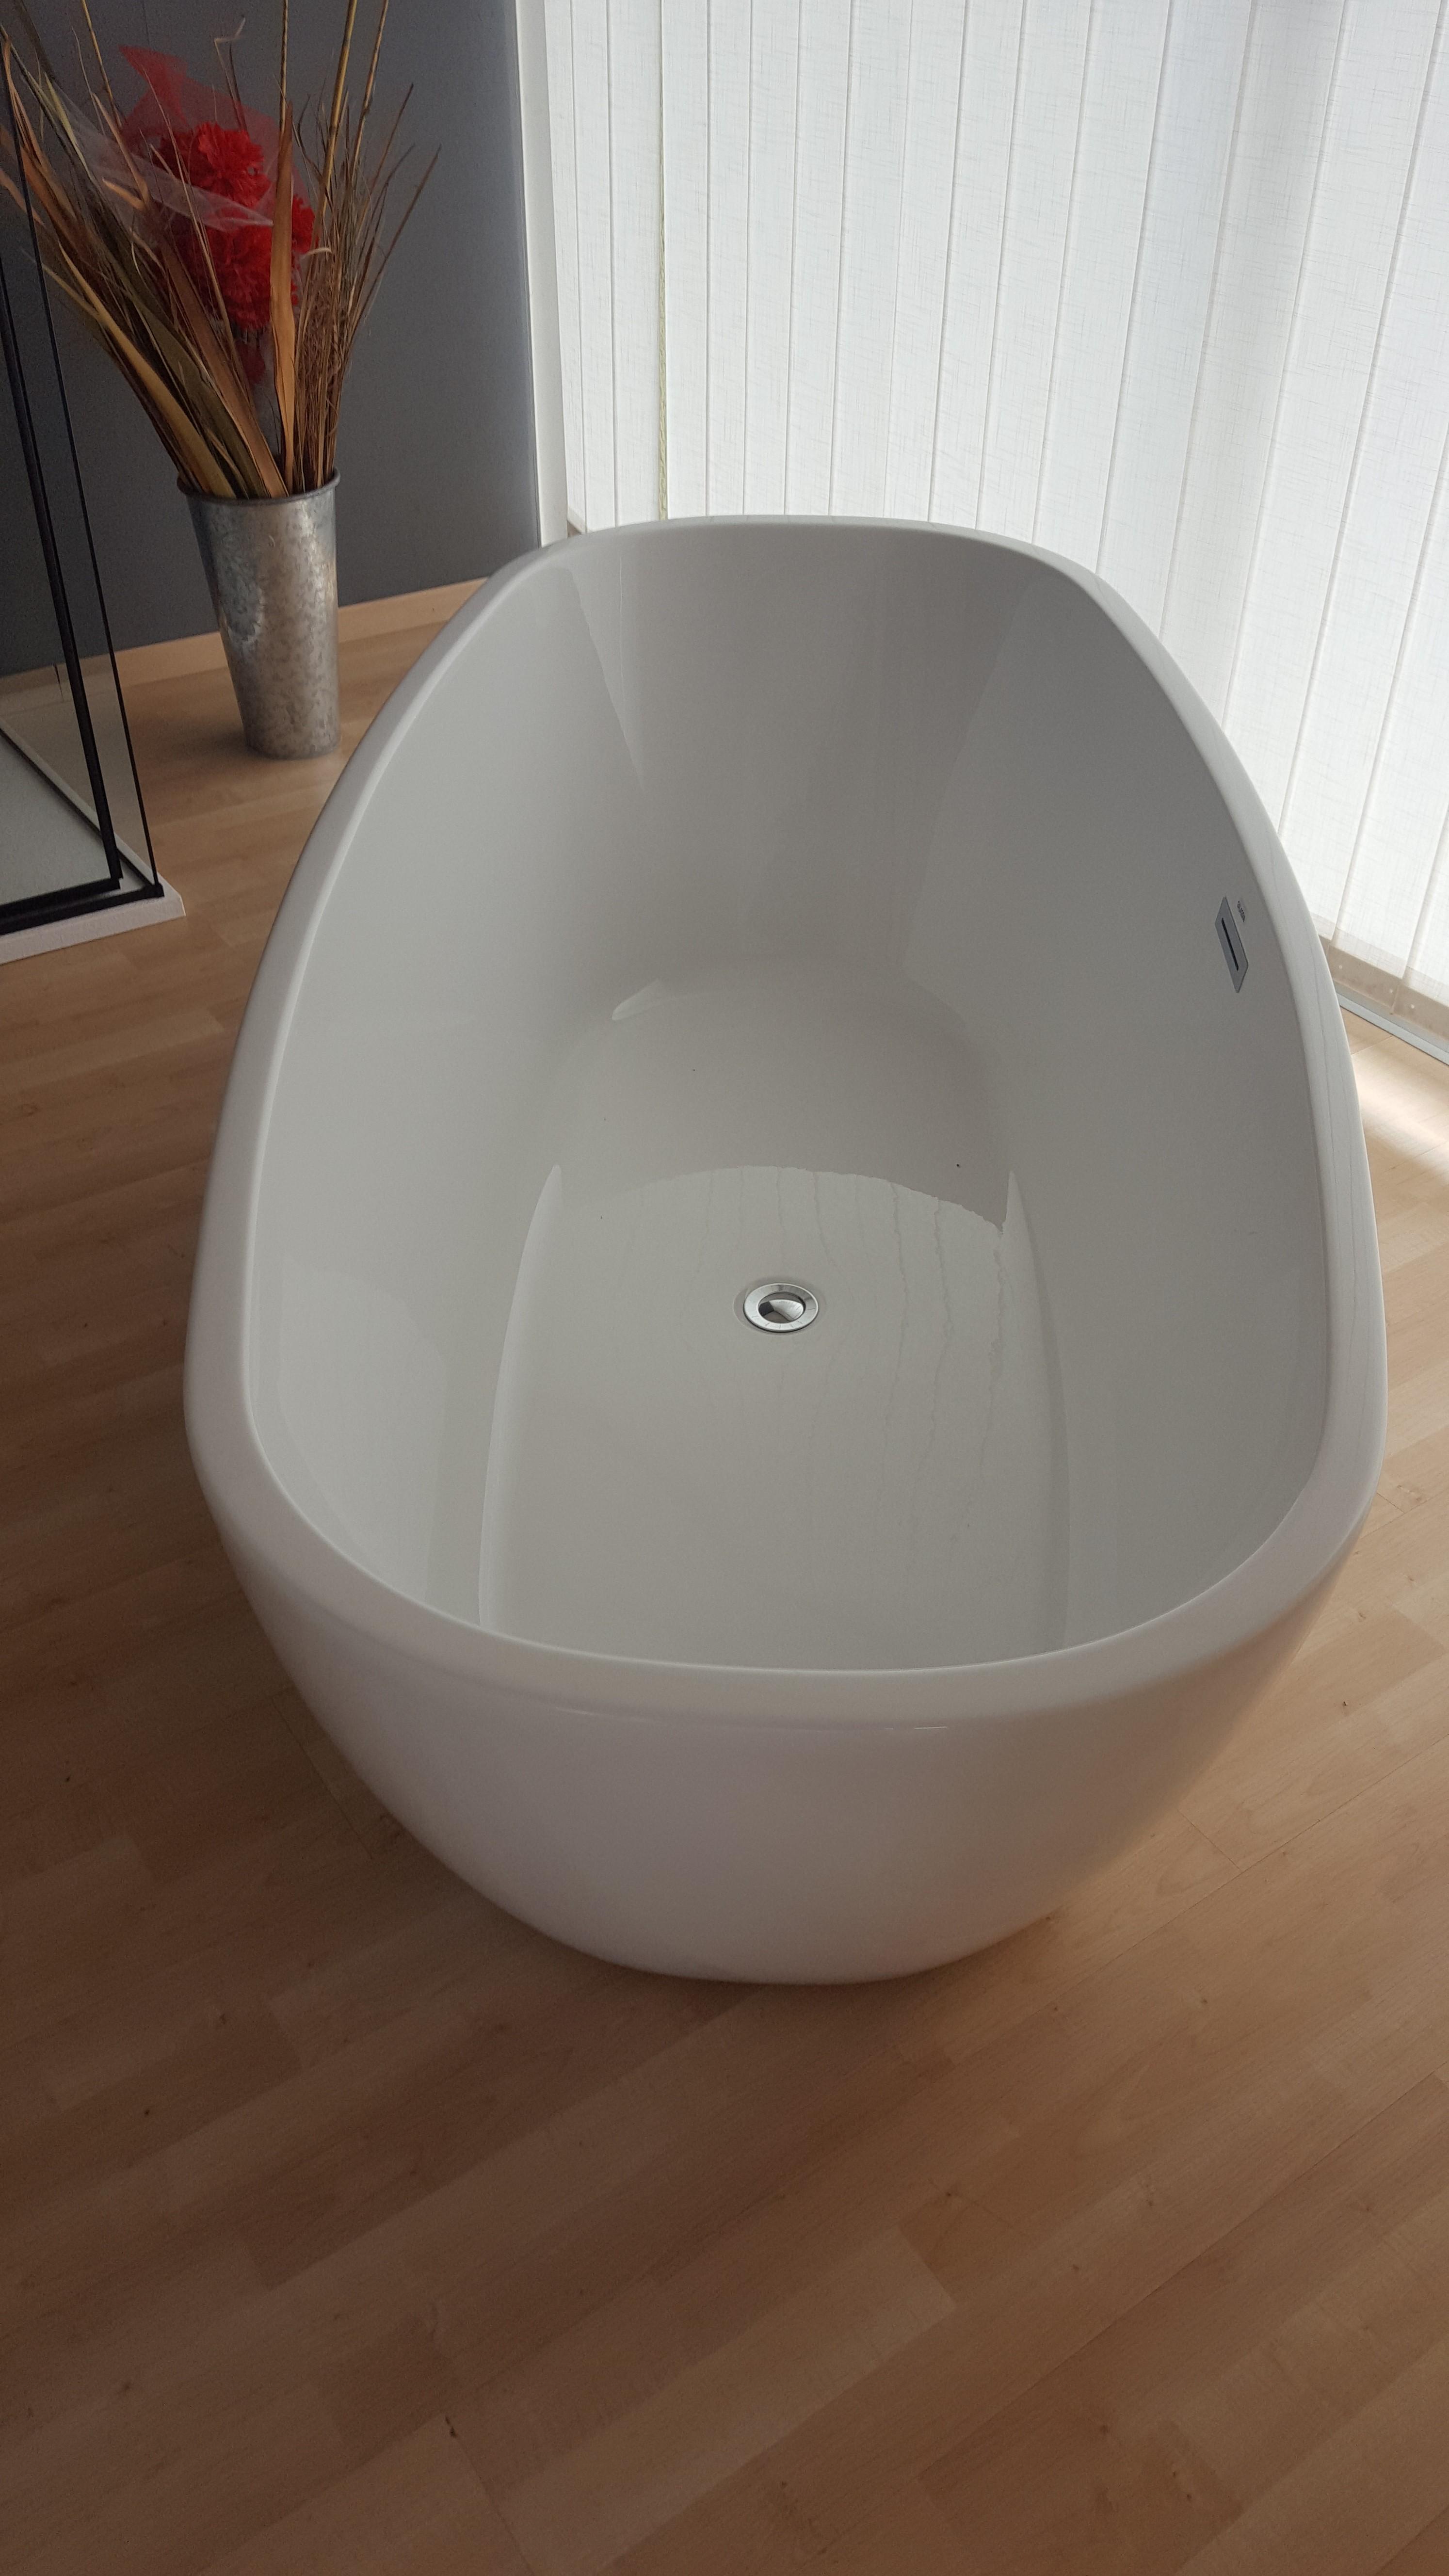 Immagini Relative A Bagni Moderni.Idraulica Pelamatti Mobili Da Bagno Offerta Show Room Outlet